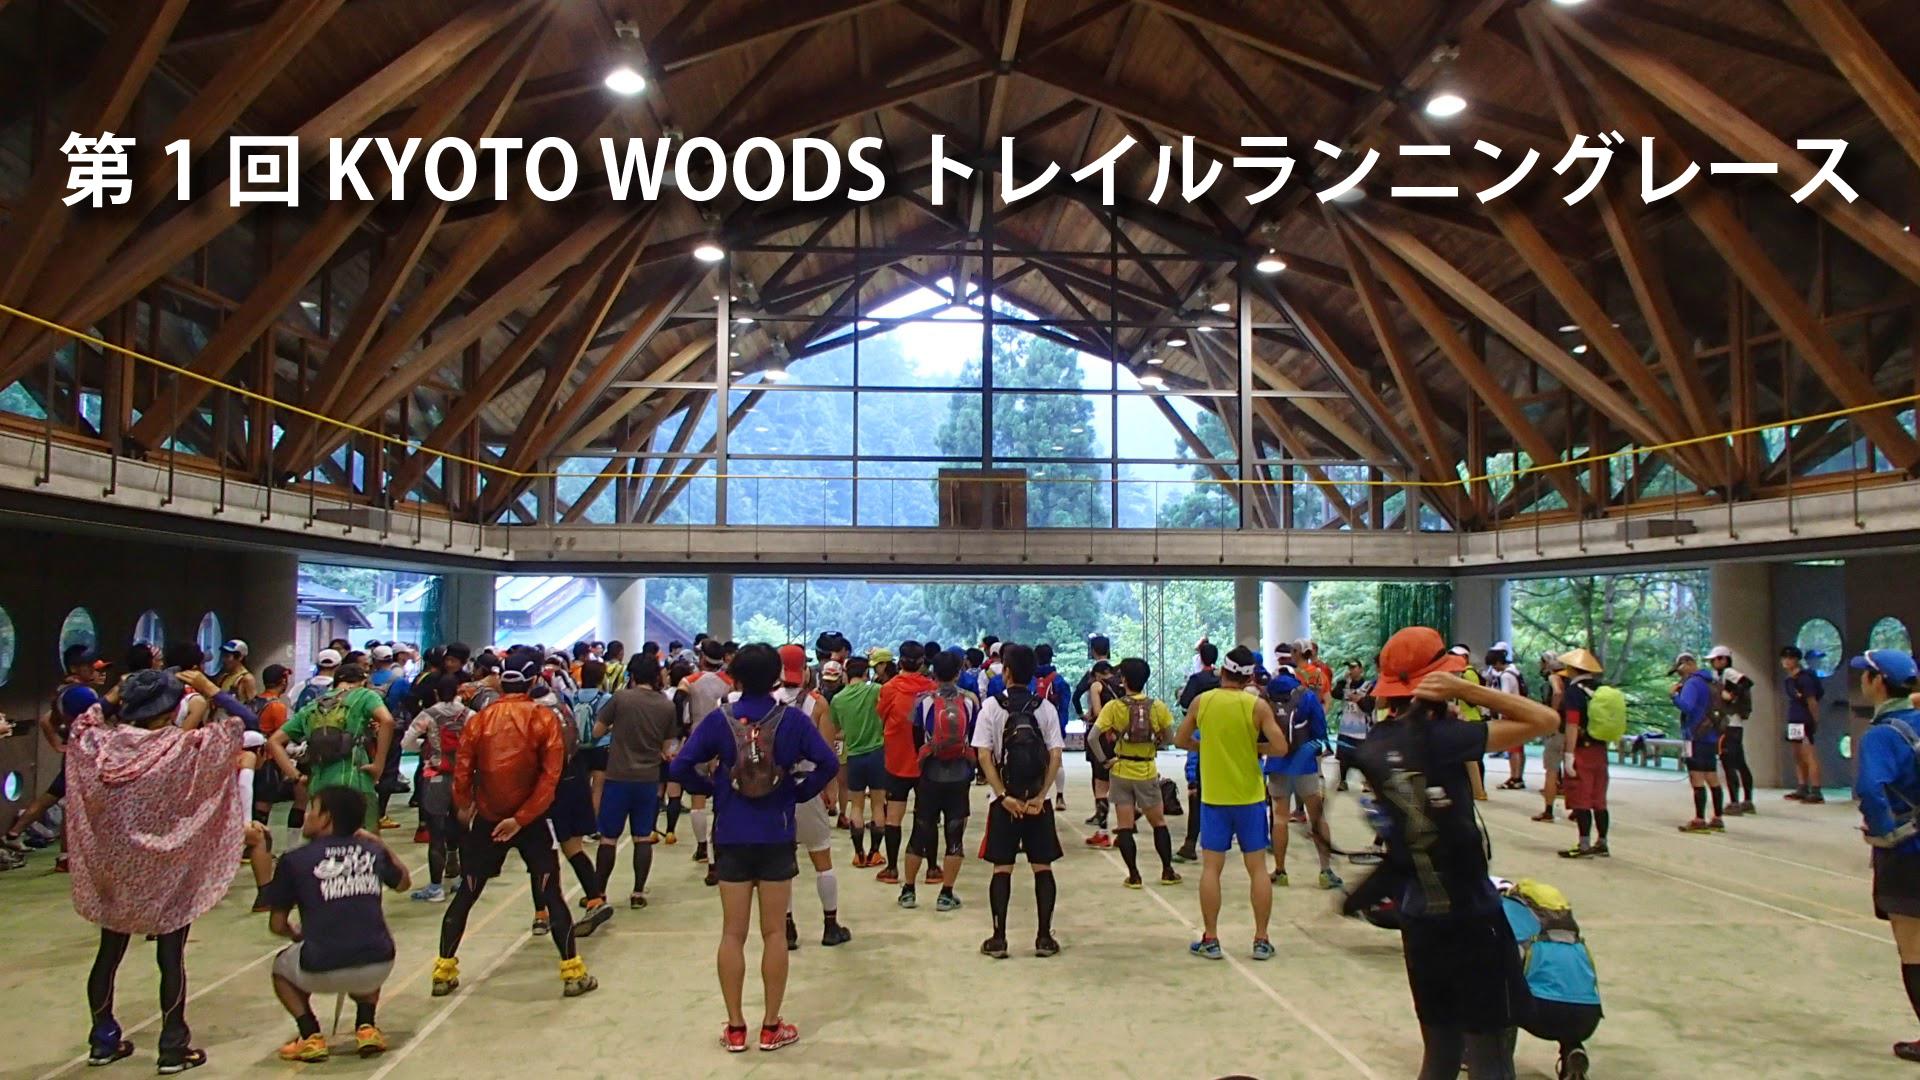 KYOTO-WOODS-トレイルランニ